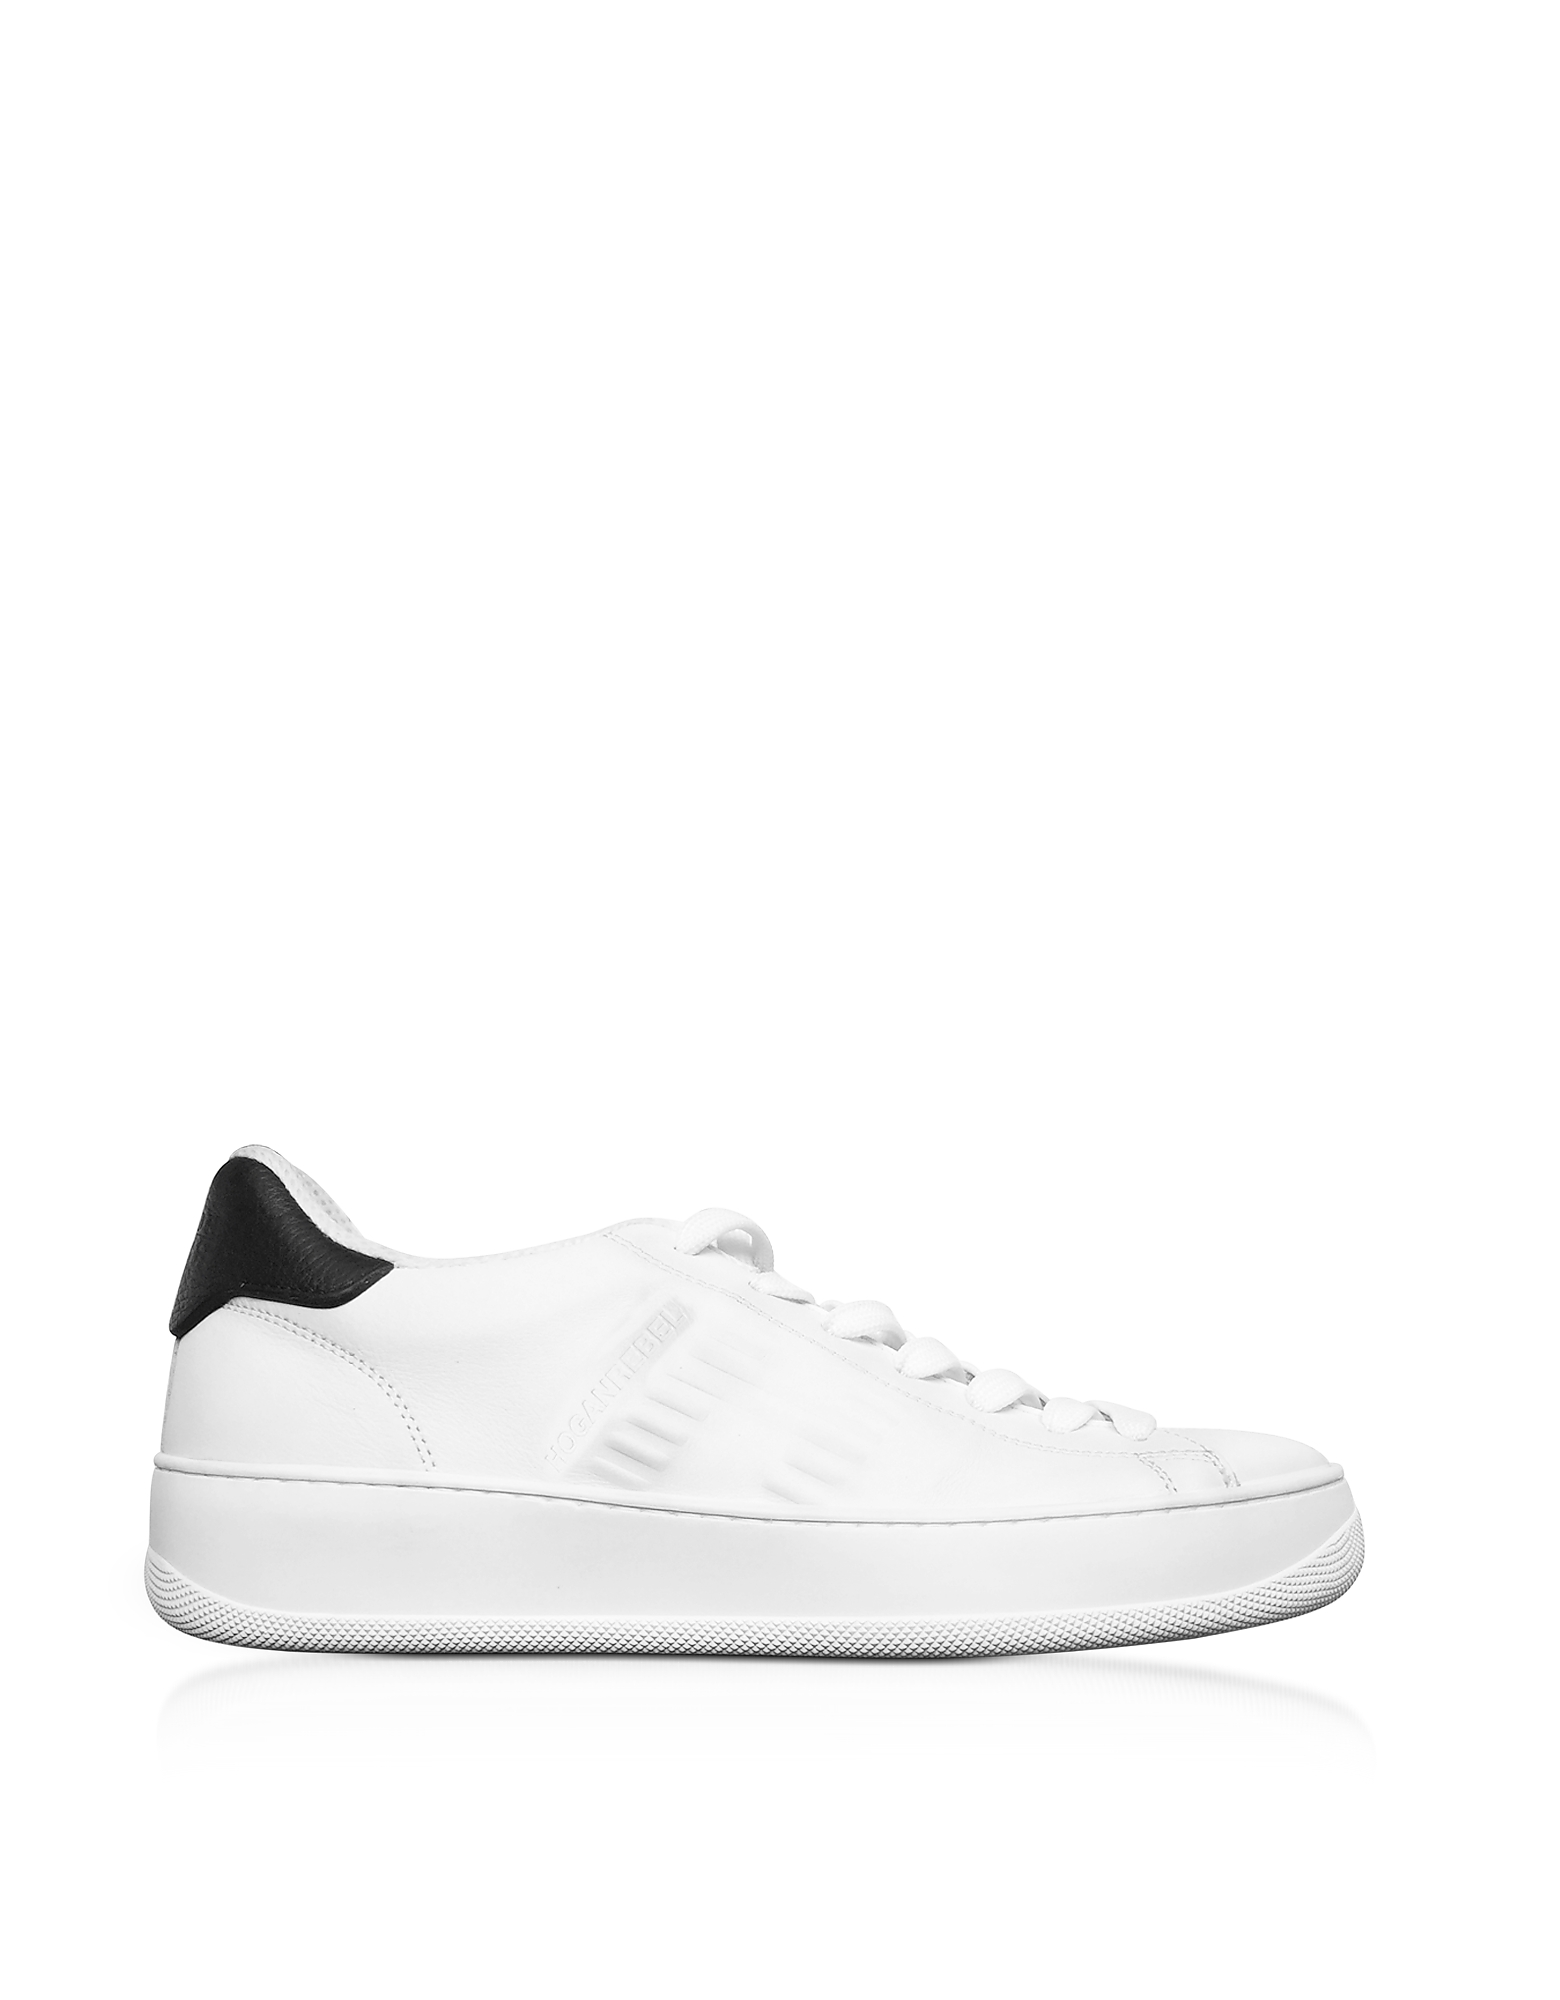 Hogan Pure - Белые Кожаные Теннисные Мужские Кроссовки